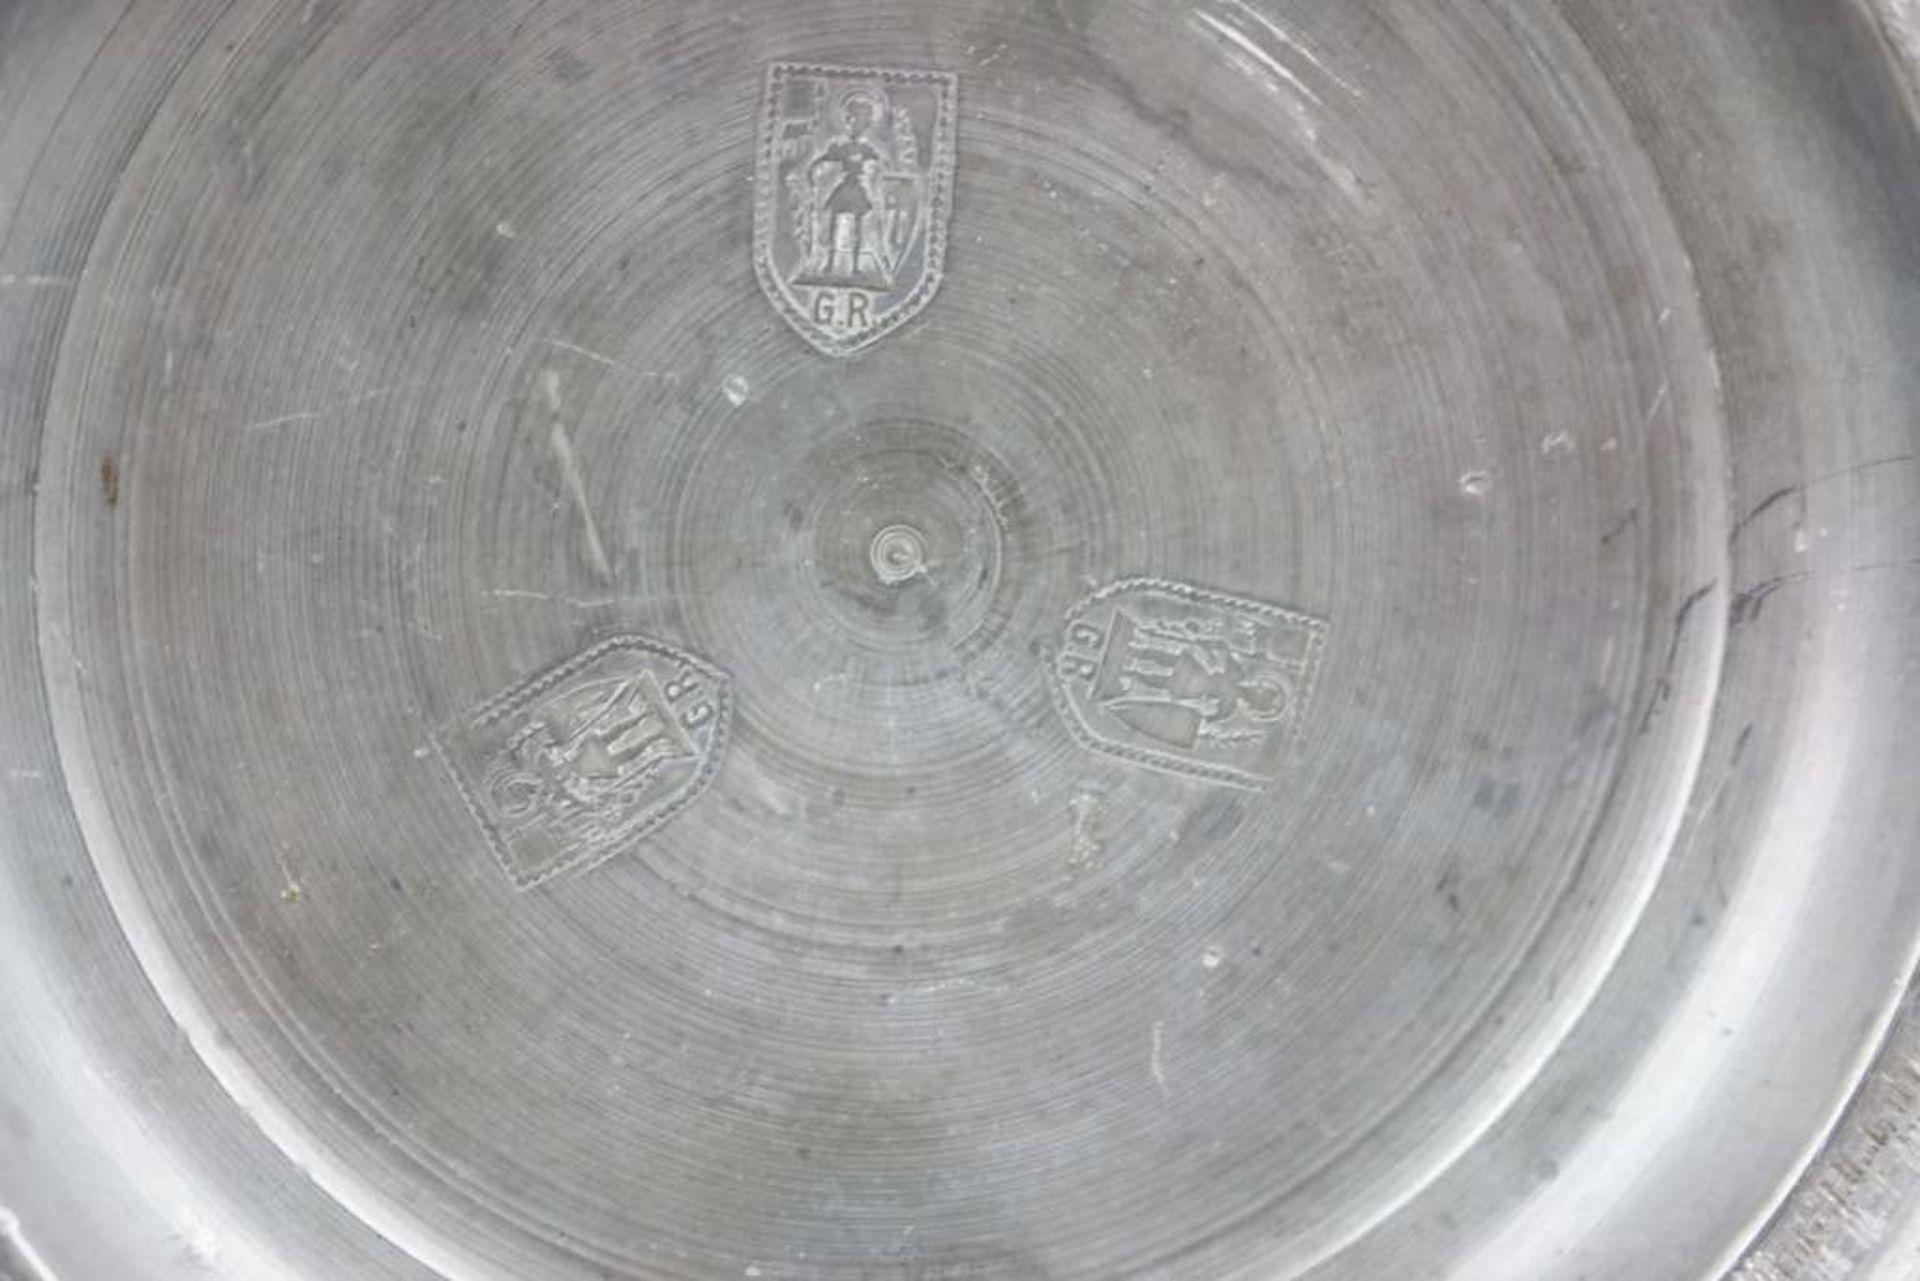 Apostelkrug im Stil der Creusenkrüge, wohl 19./20. Jh., dunkelbraun engobiertes, salzglasierte - Bild 3 aus 4